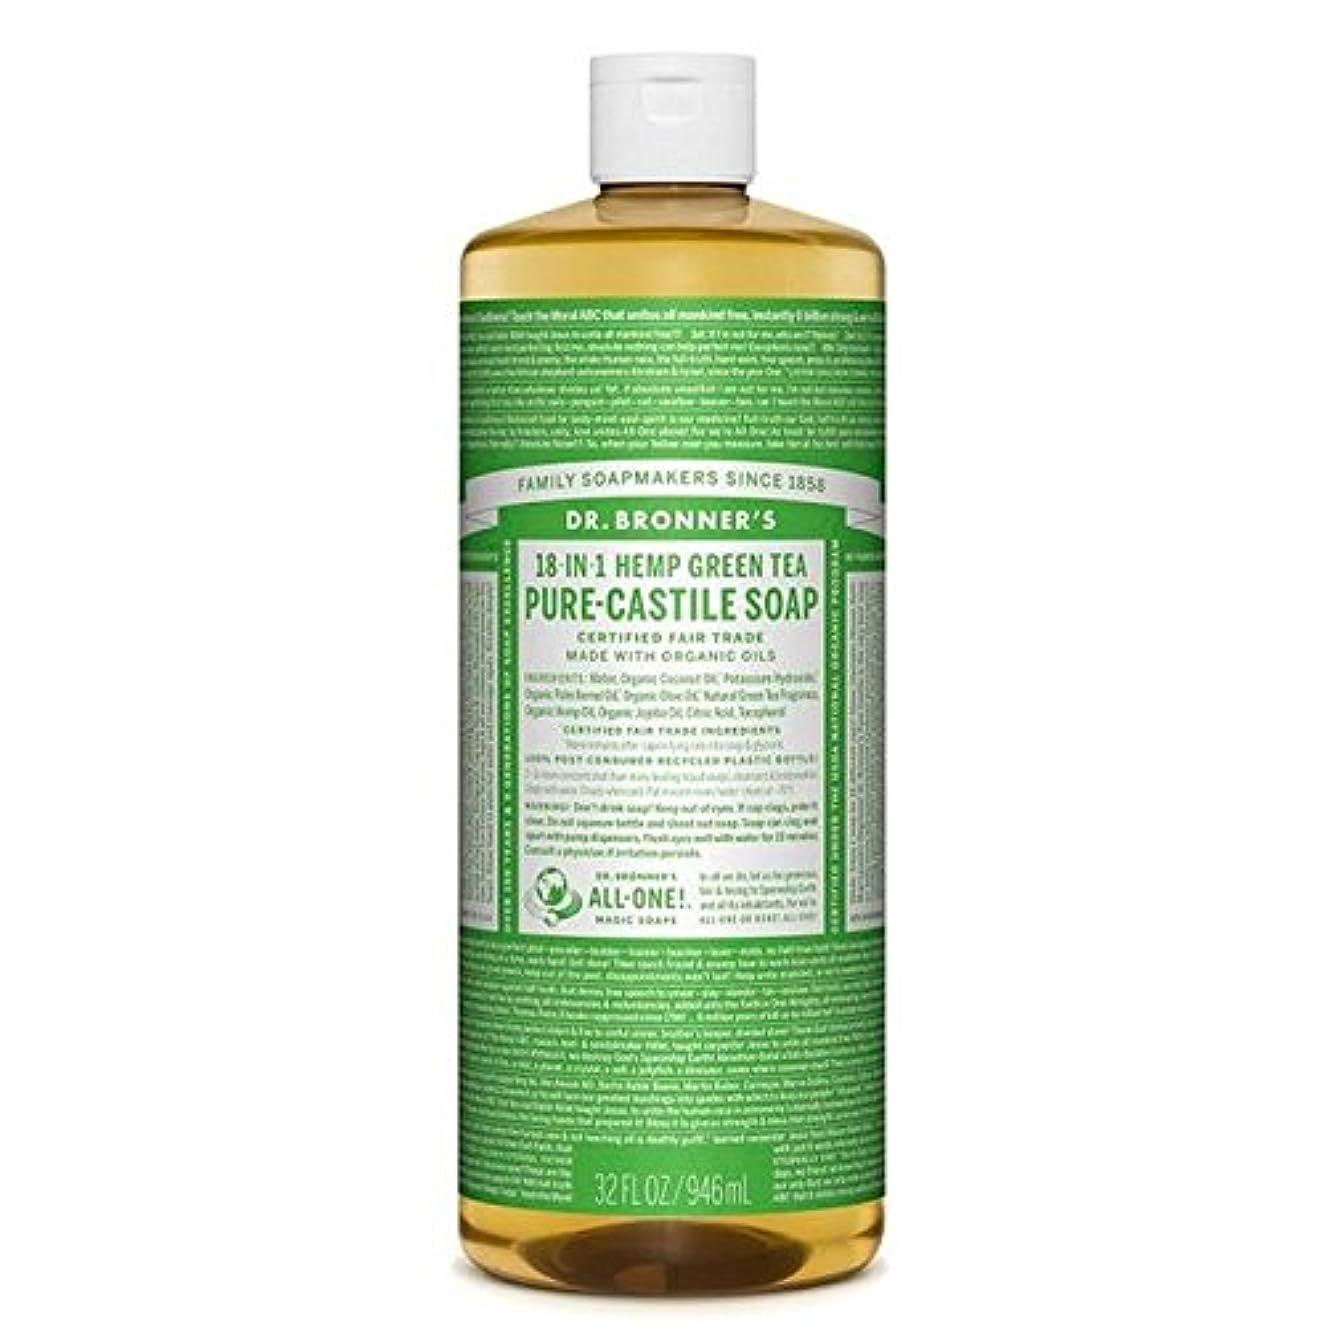 サーマル知事メーターDr Bronner Organic Green Tea Castile Liquid Soap 946ml - のブロナー有機緑茶カスティーリャ液体石鹸946ミリリットル [並行輸入品]